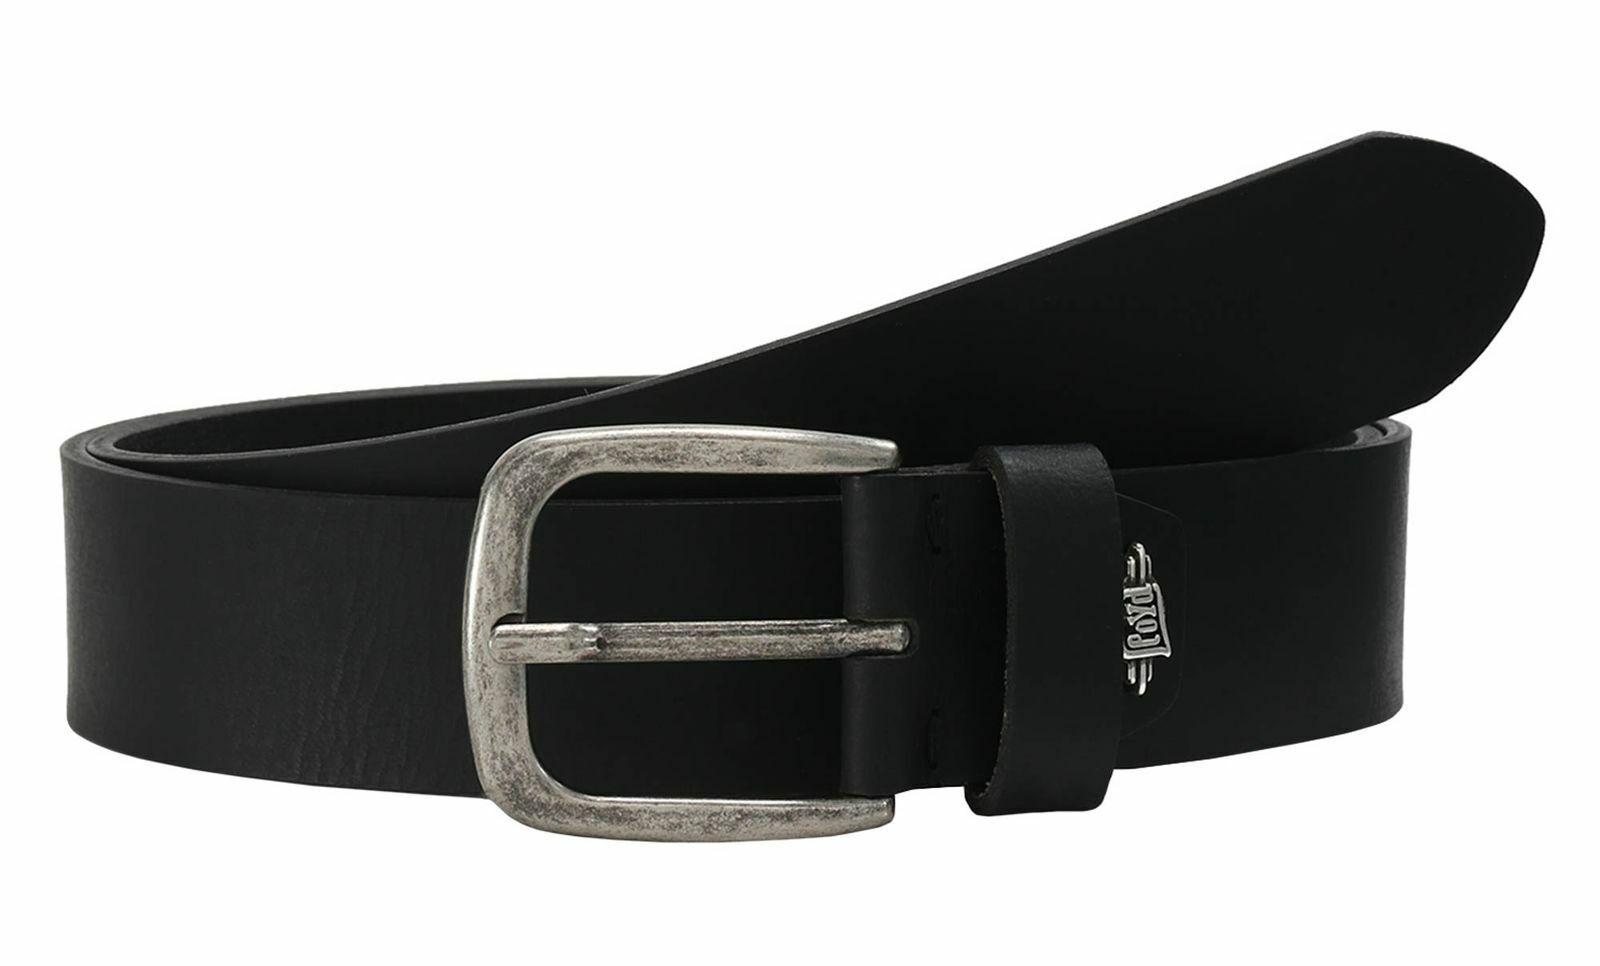 LLOYD Buffaloleather Belt 4.0 W85 Gürtel Accessoire Black Schwarz